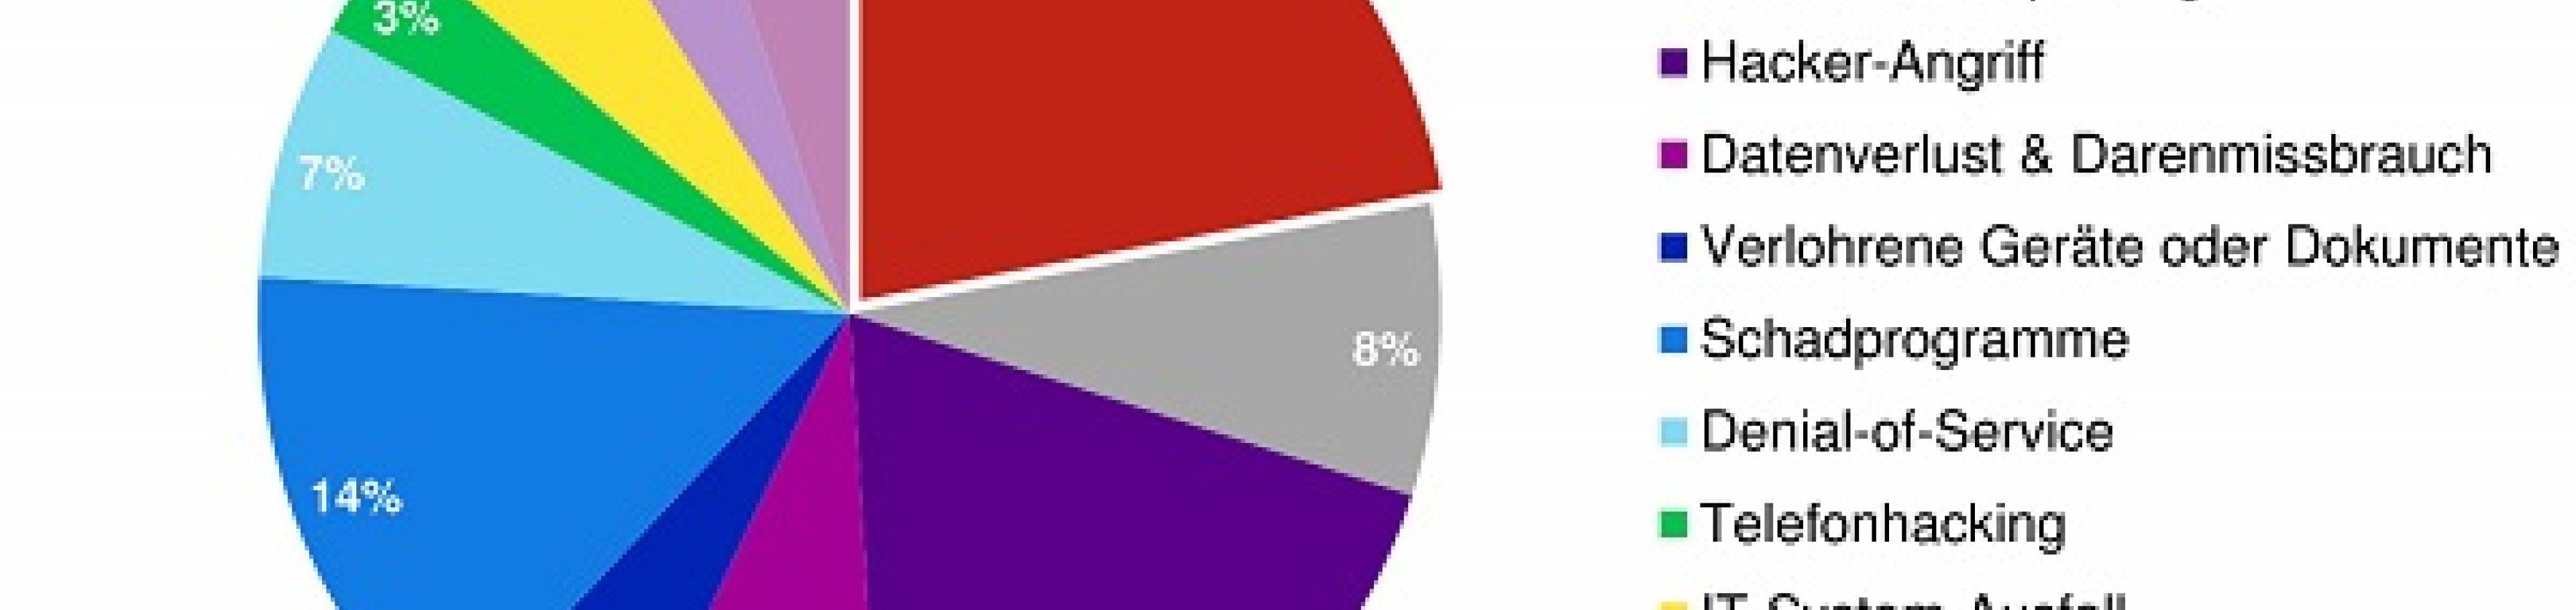 Schaden-Auswertung eines der marktführenden Versicherer der Hiscox von 2017